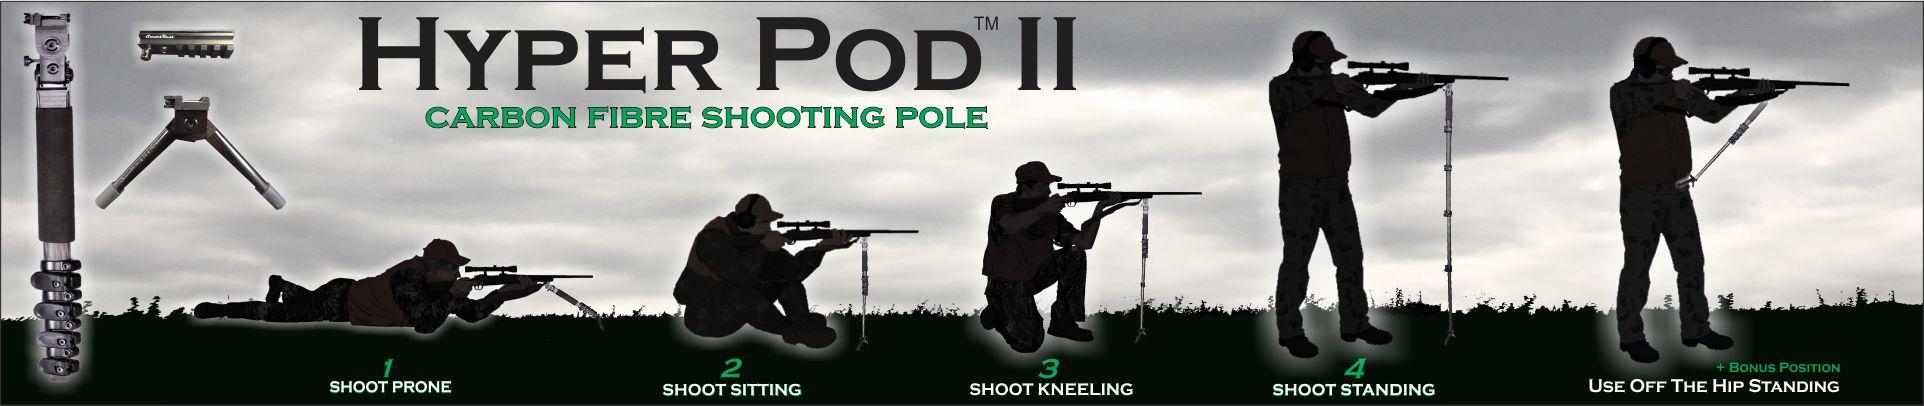 hyper-pod-website-banner